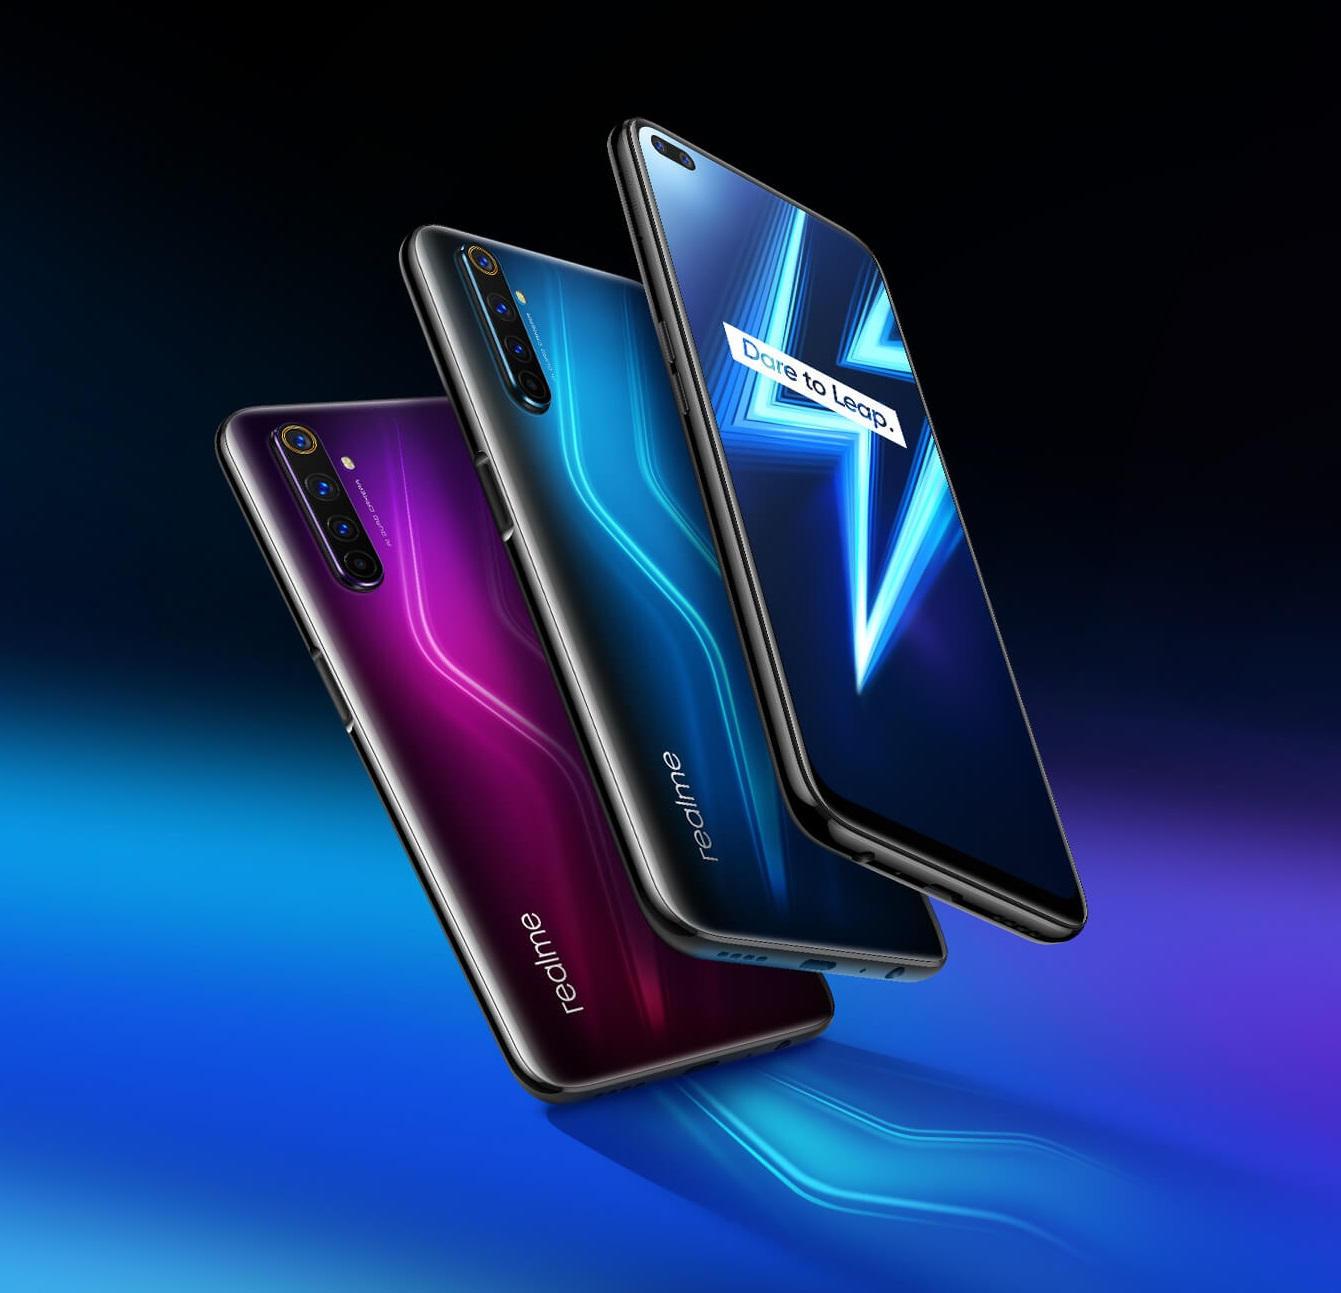 Realme 6 Pro : le nouveau smartphone milieu de gamme de Realme. Unboxing & présentation